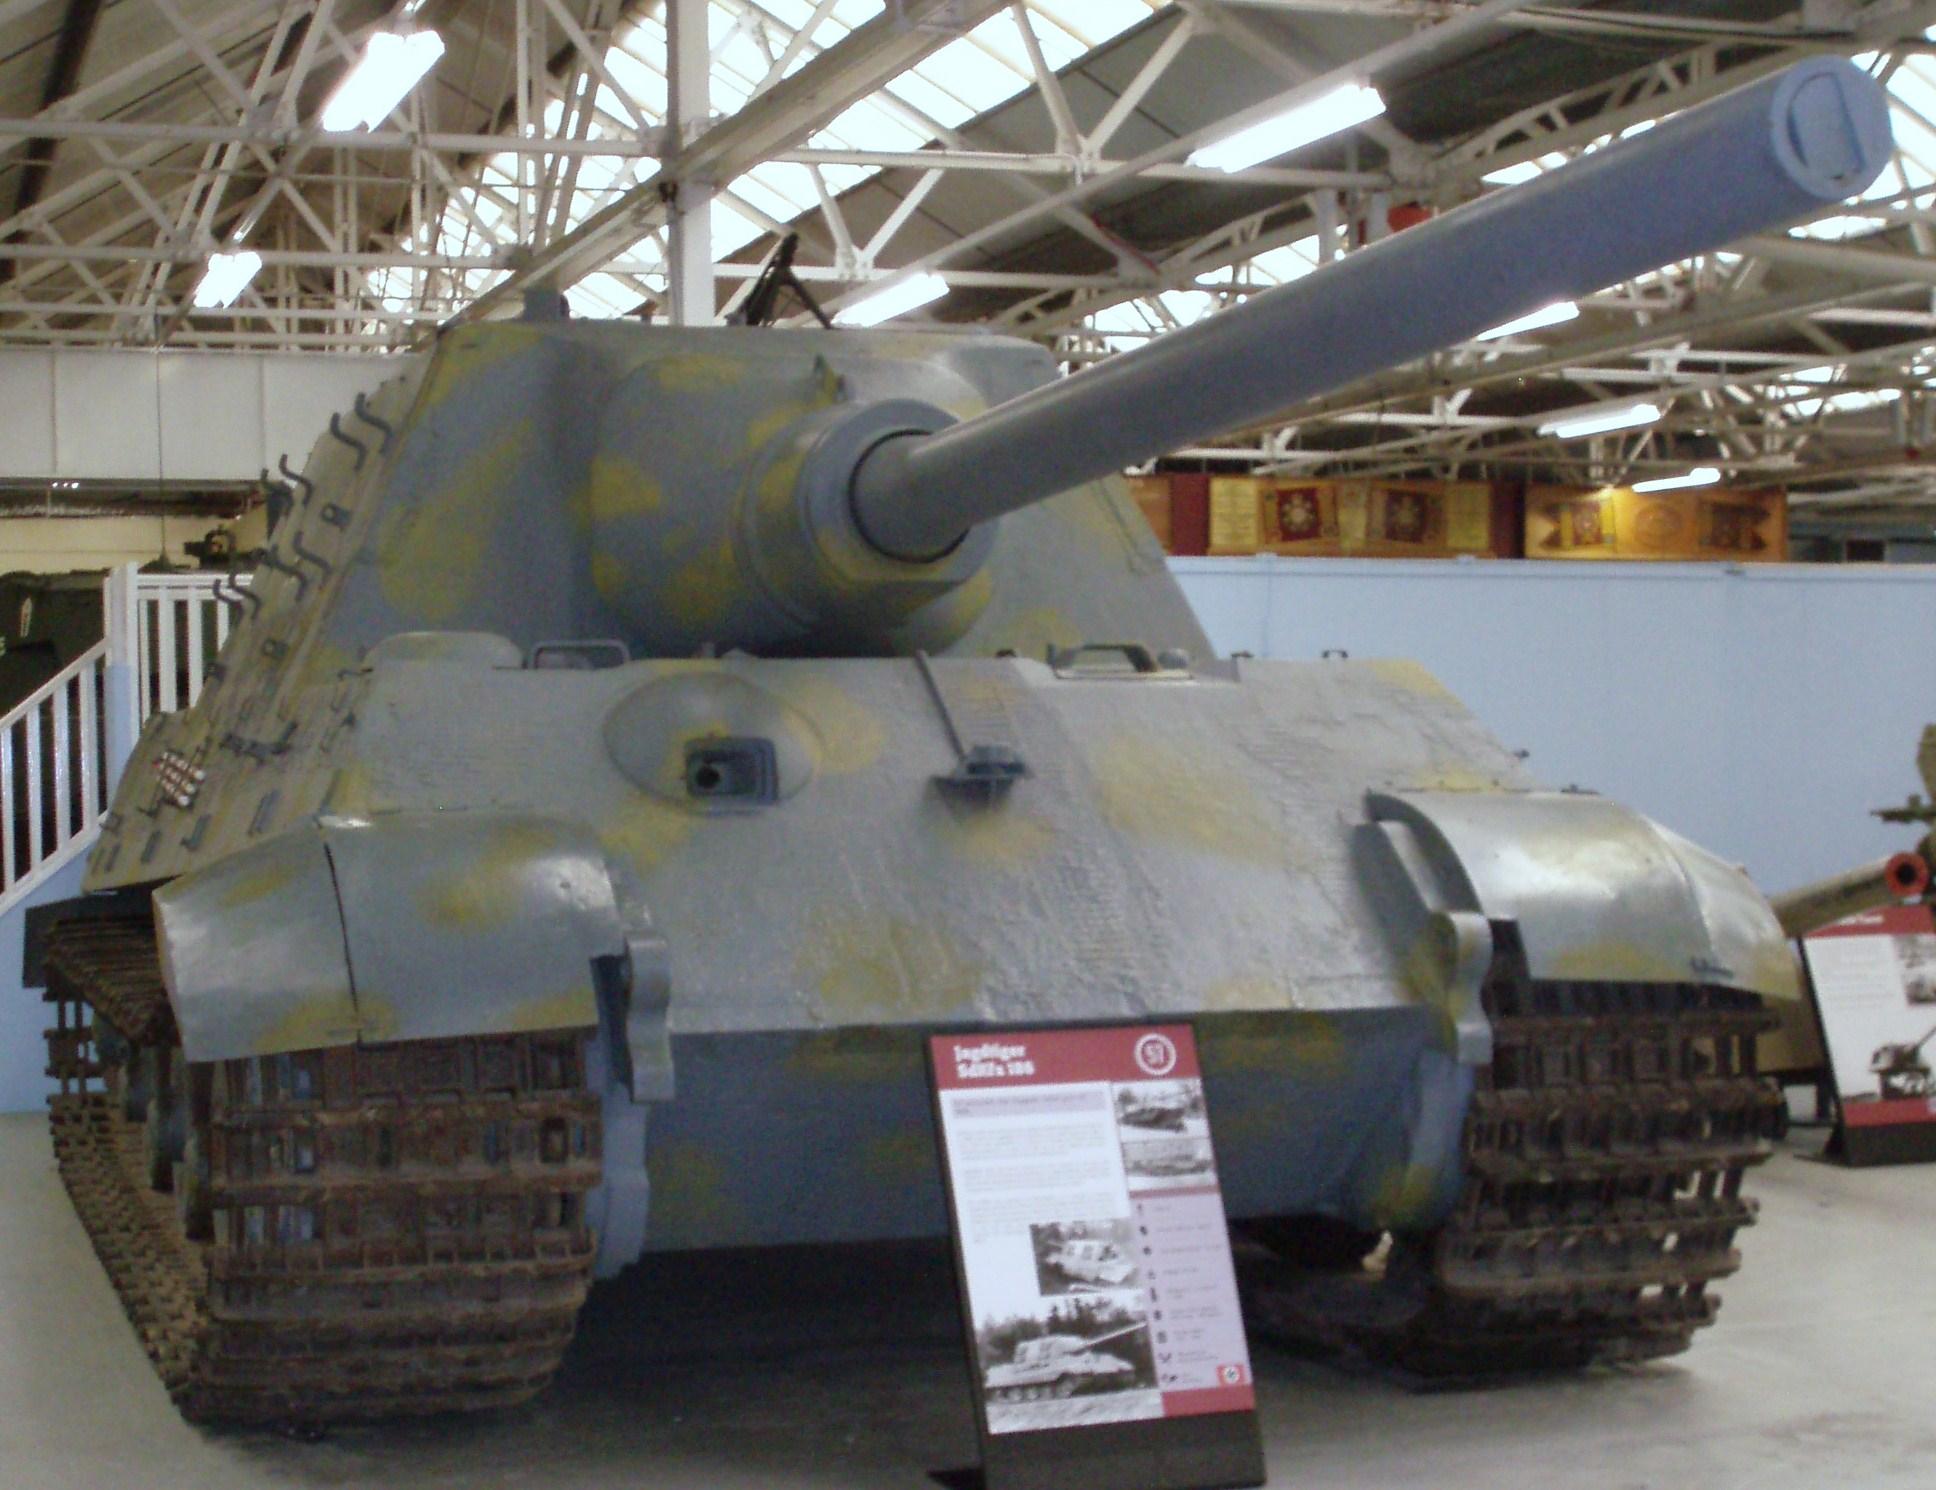 Overview Of The German Tank Destroyer Jagdtiger9 Self Propelled Artillery Mount Jagdtiger Panzerjager Tiger Aka Jagdtiger Index Sd Kfz 186 German Fri Sau 9 Level Yaga